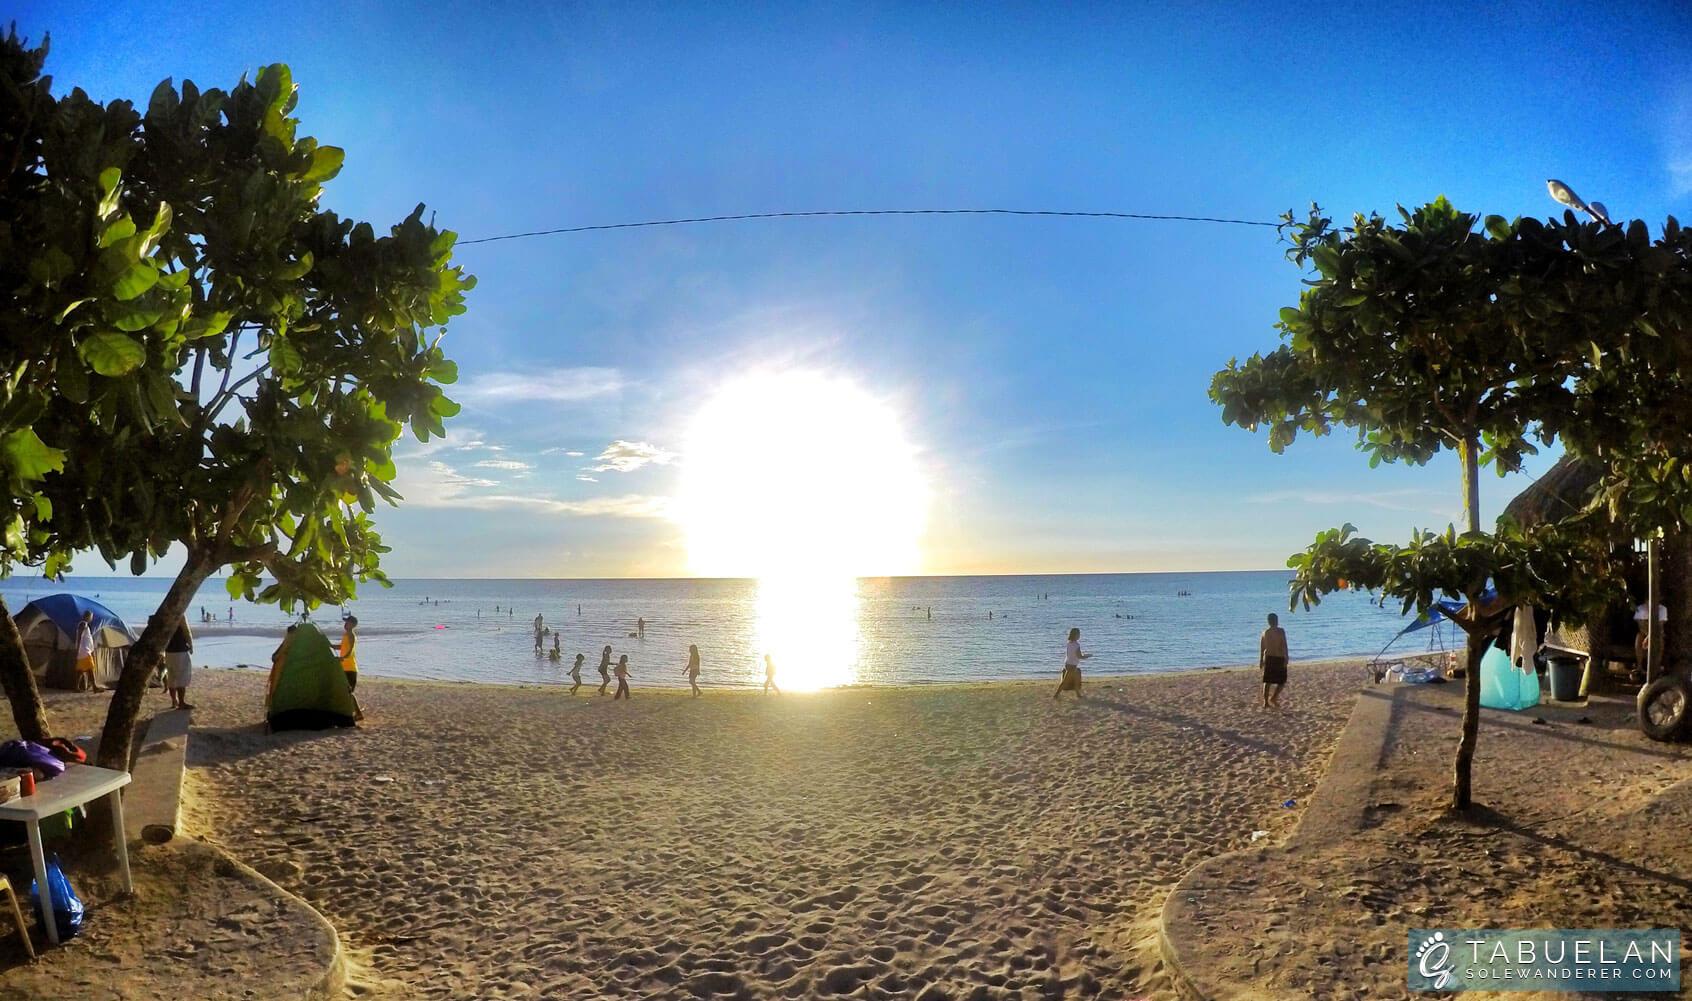 Maravillosa Park, Tabuelan Seashore